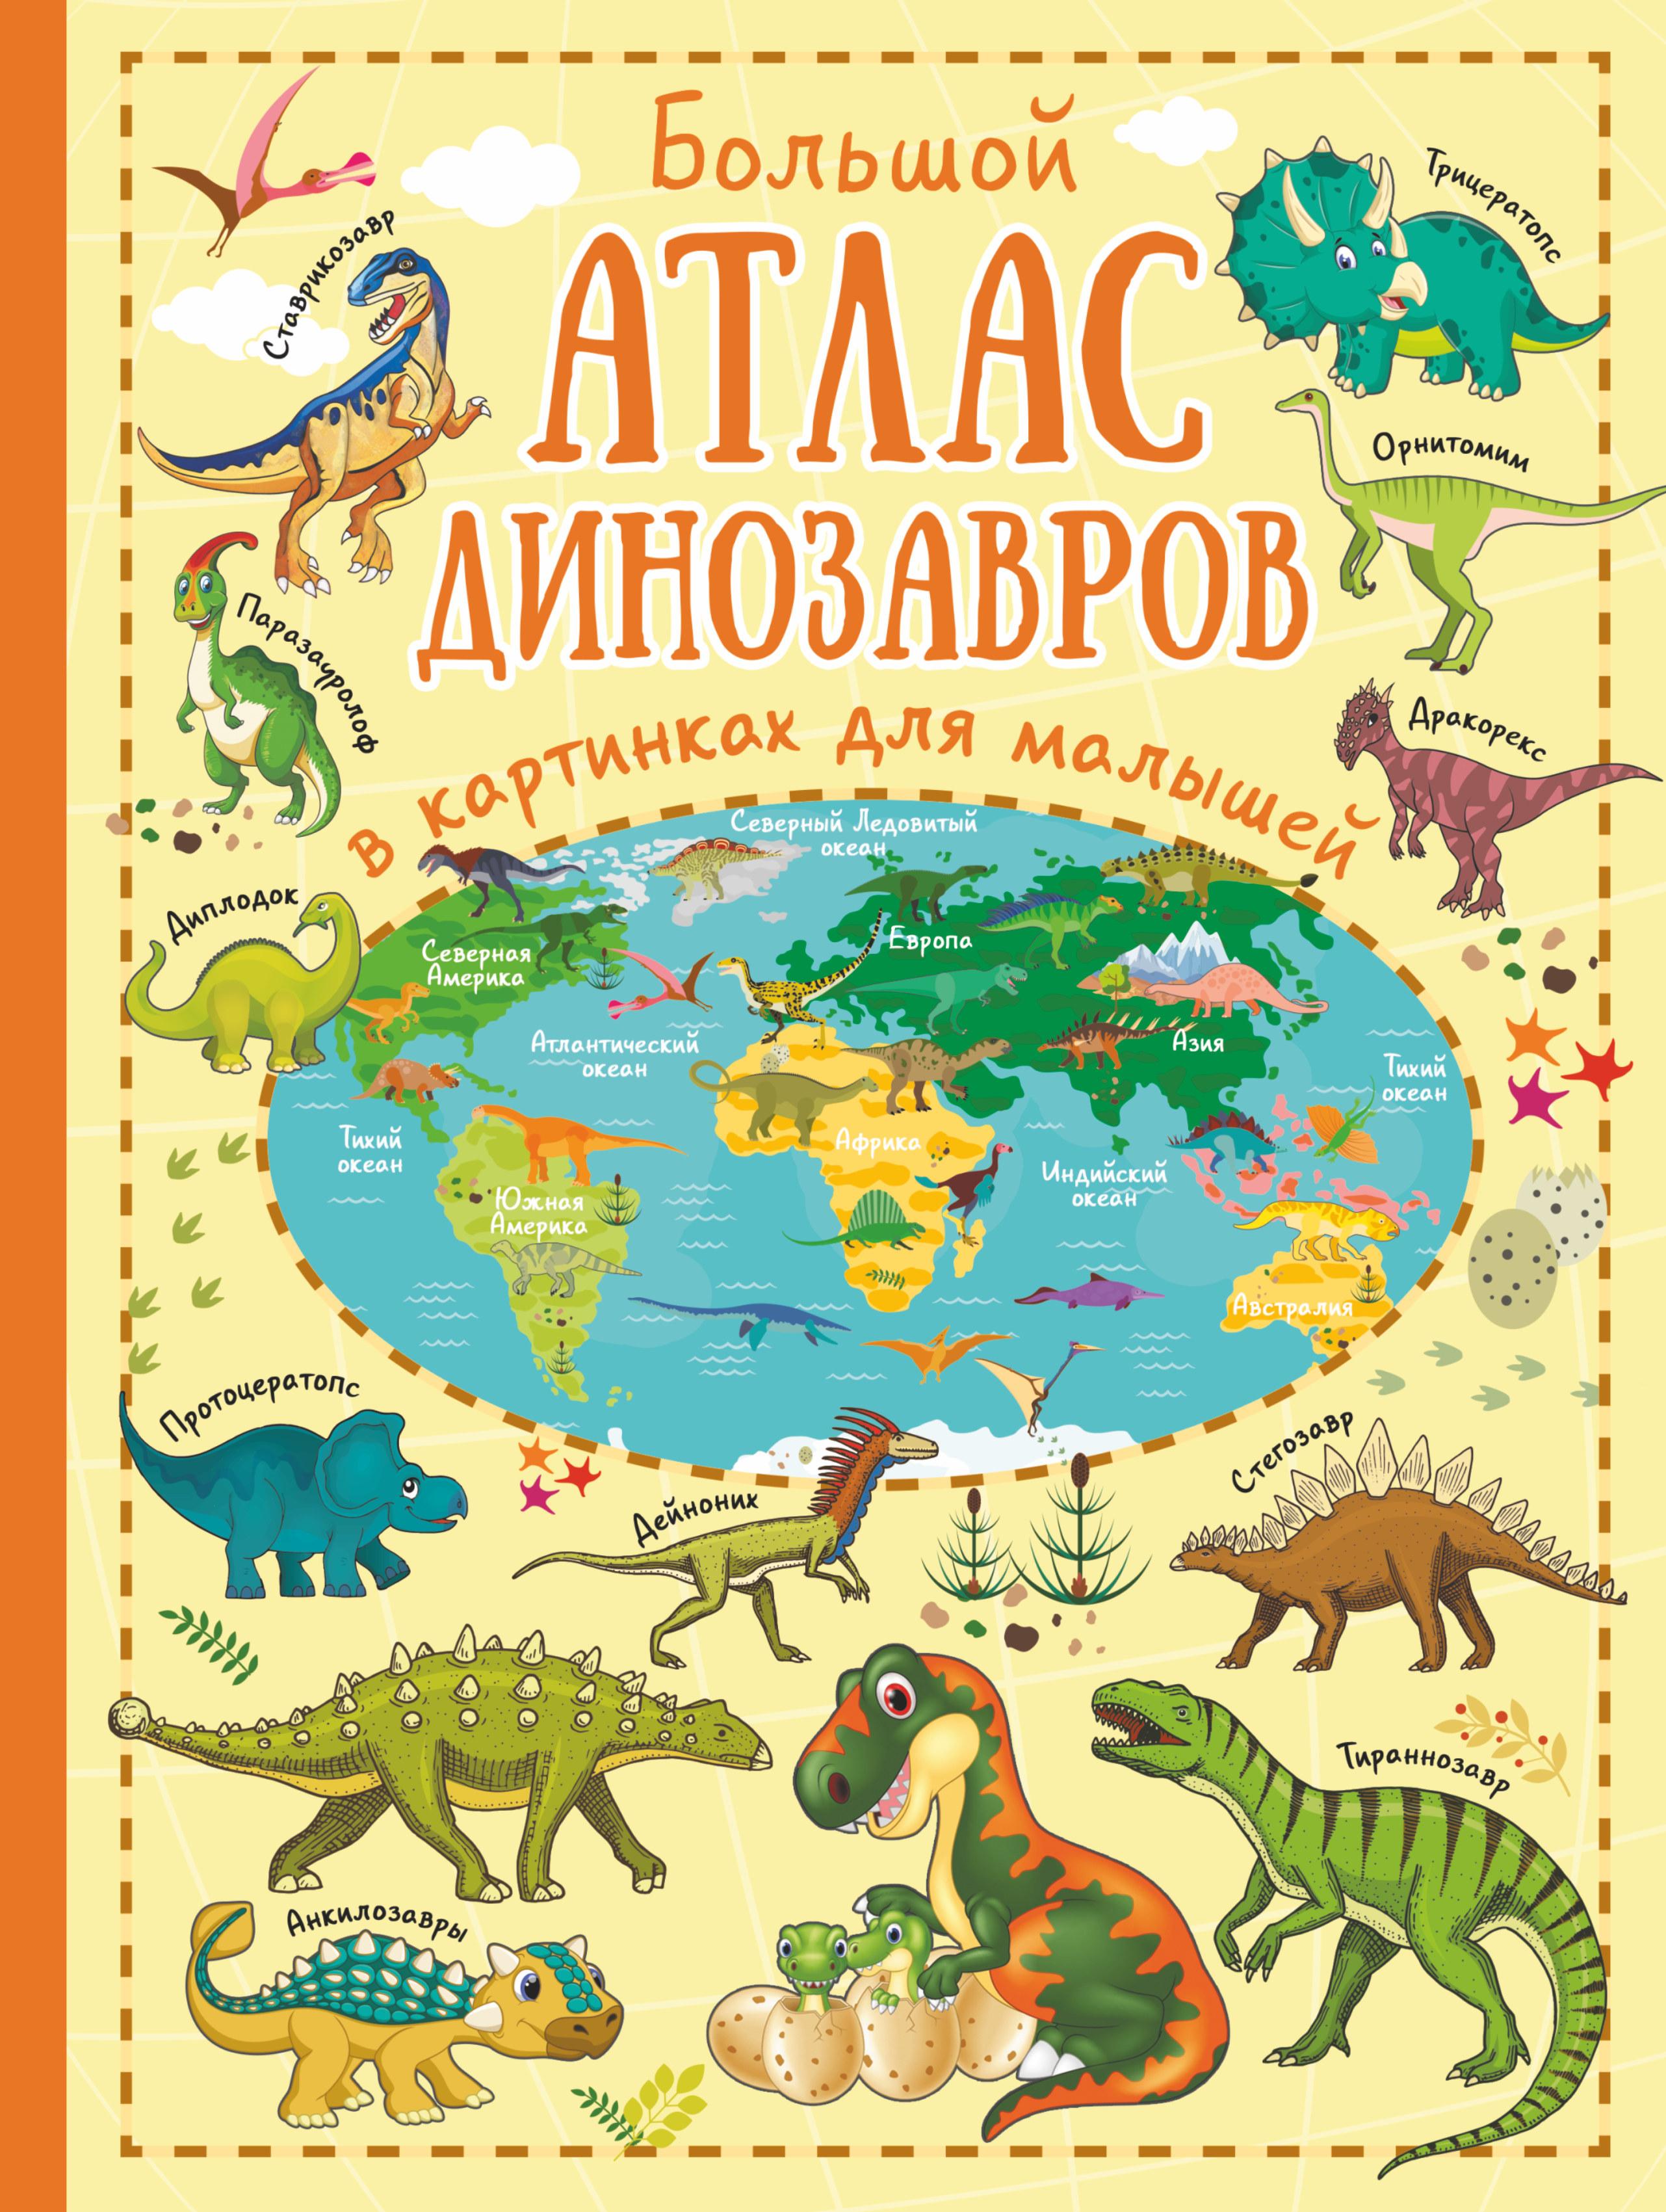 Большой атлас динозавров в картинках для малышей ( Лашкевич Ольга Тихоновна  )